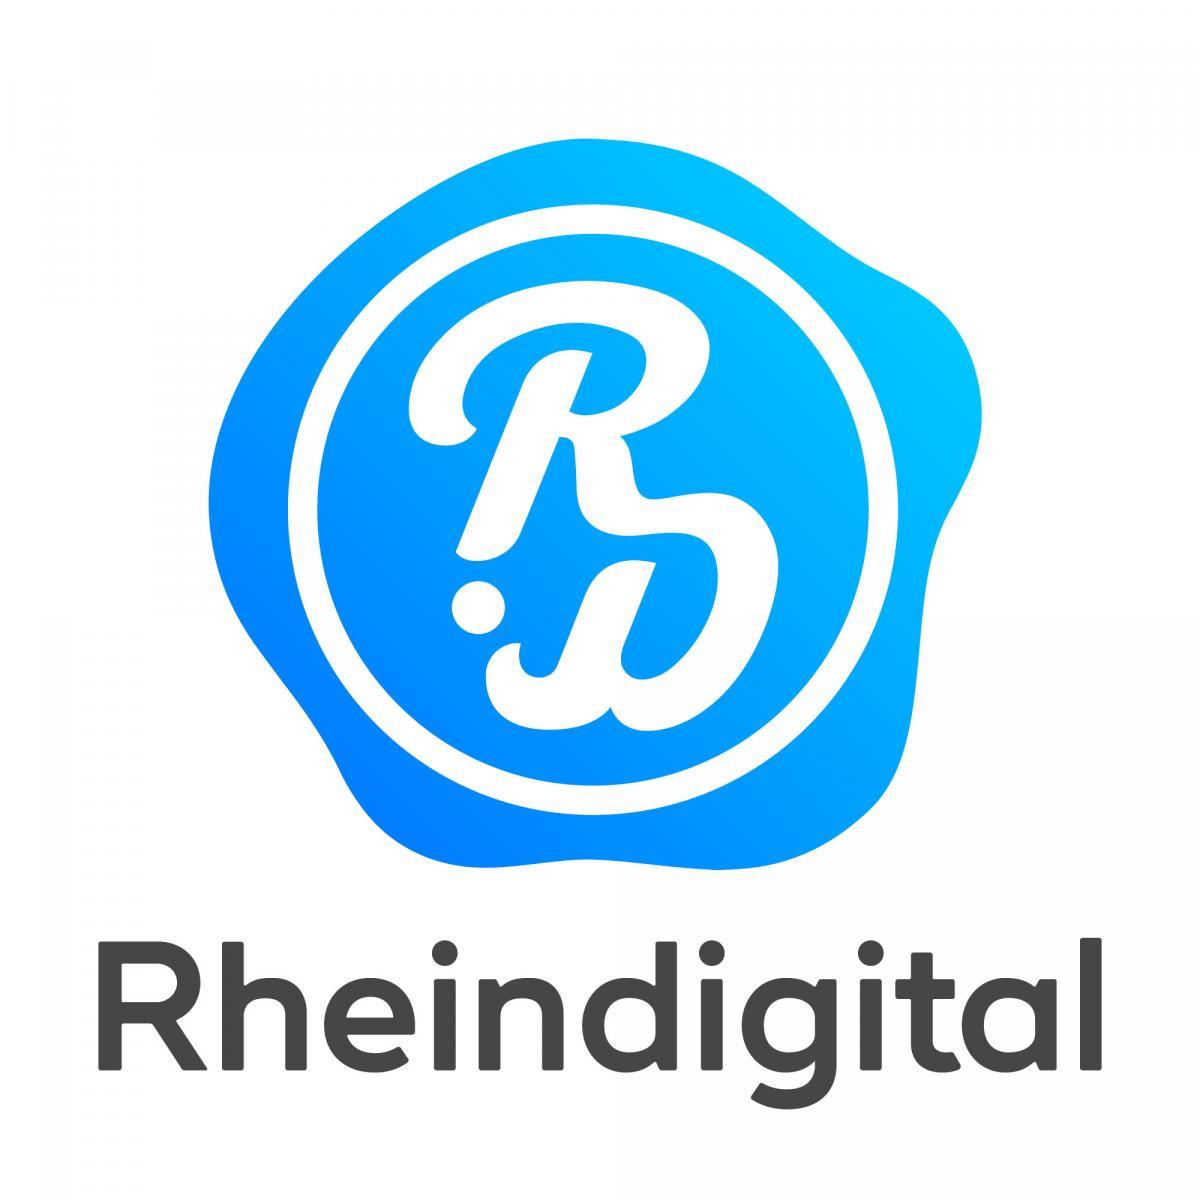 World Para Dance Sport claims Rheindigital partnership has enhanced digital presence